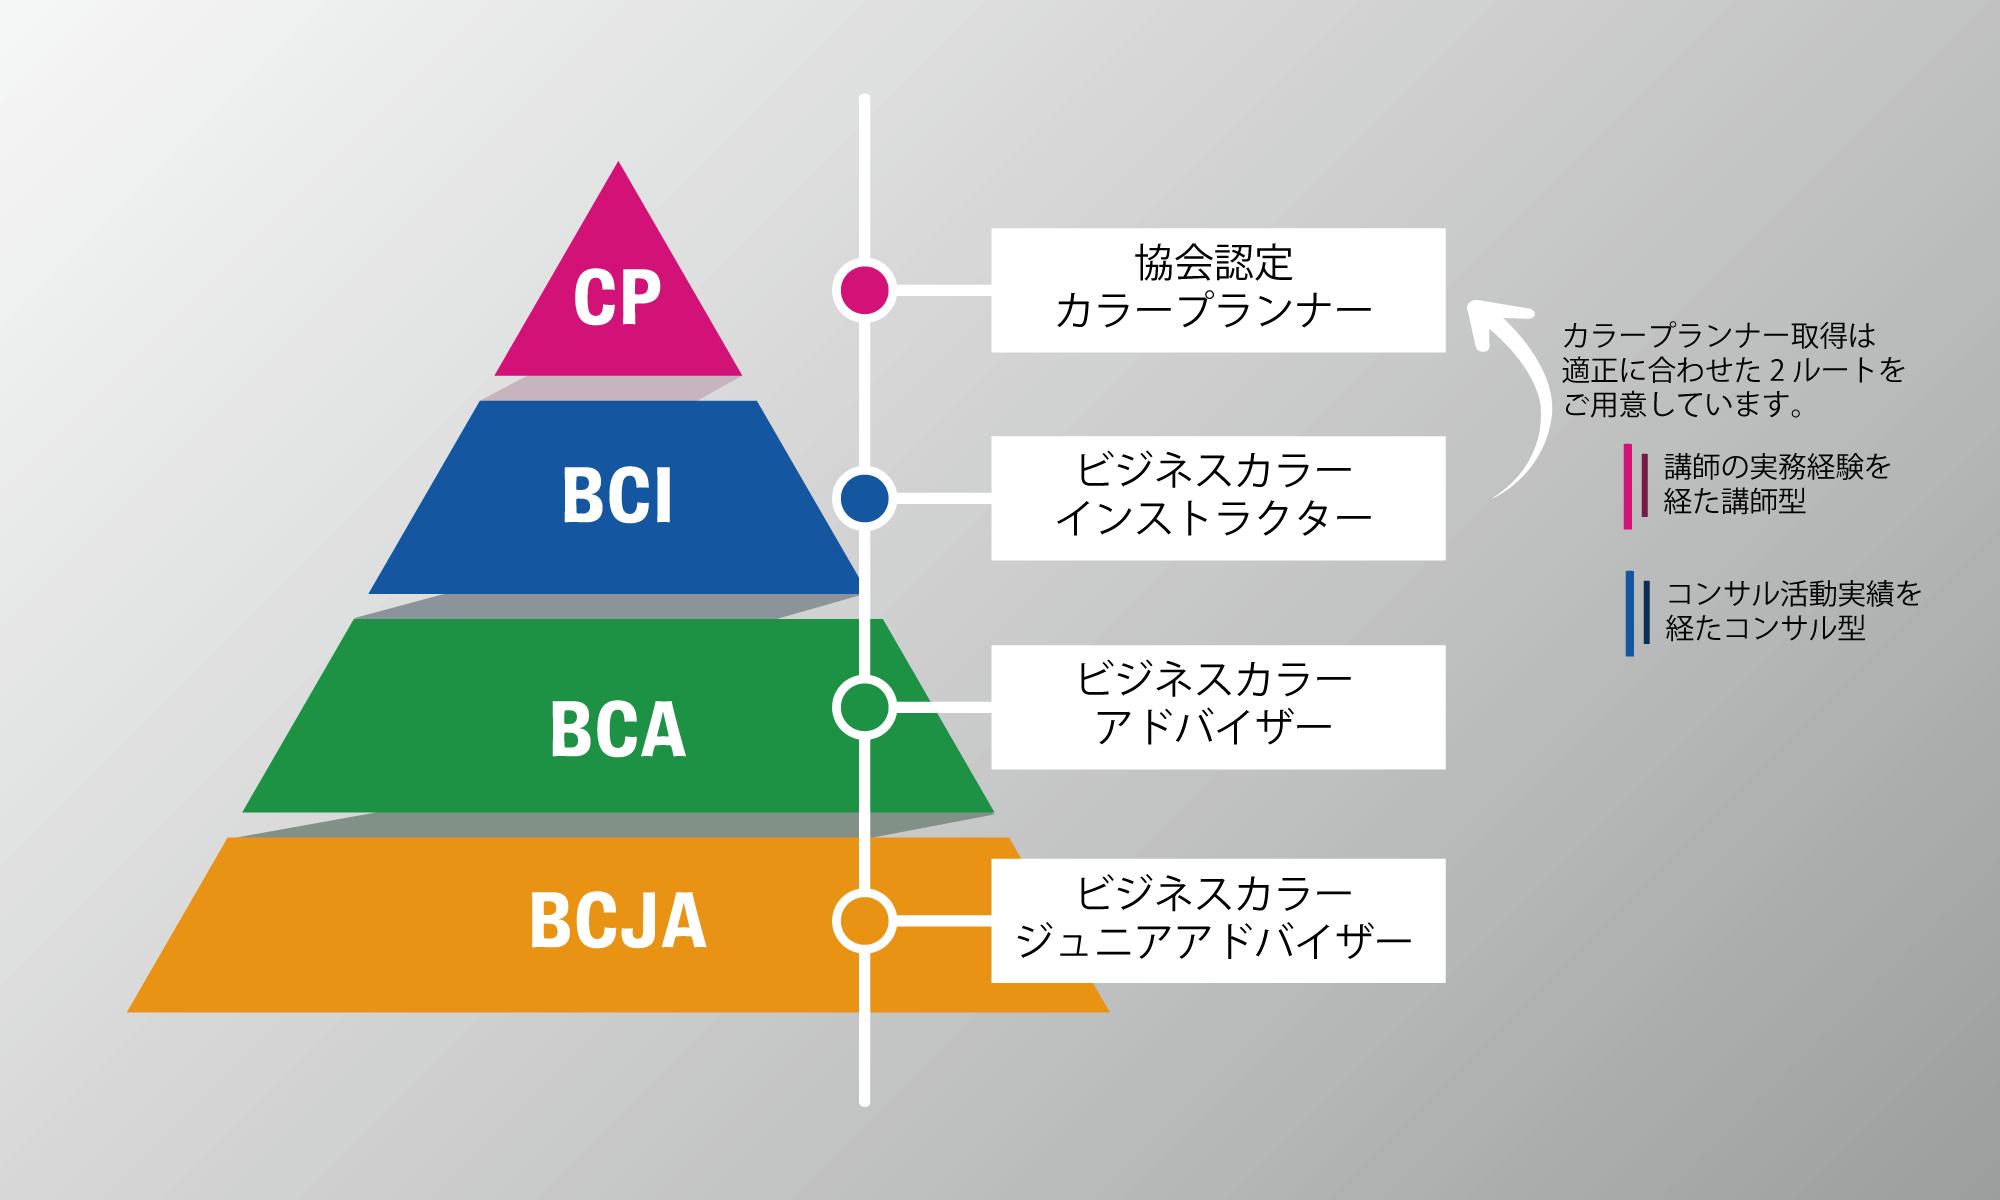 日本カラープランニング協会の資格